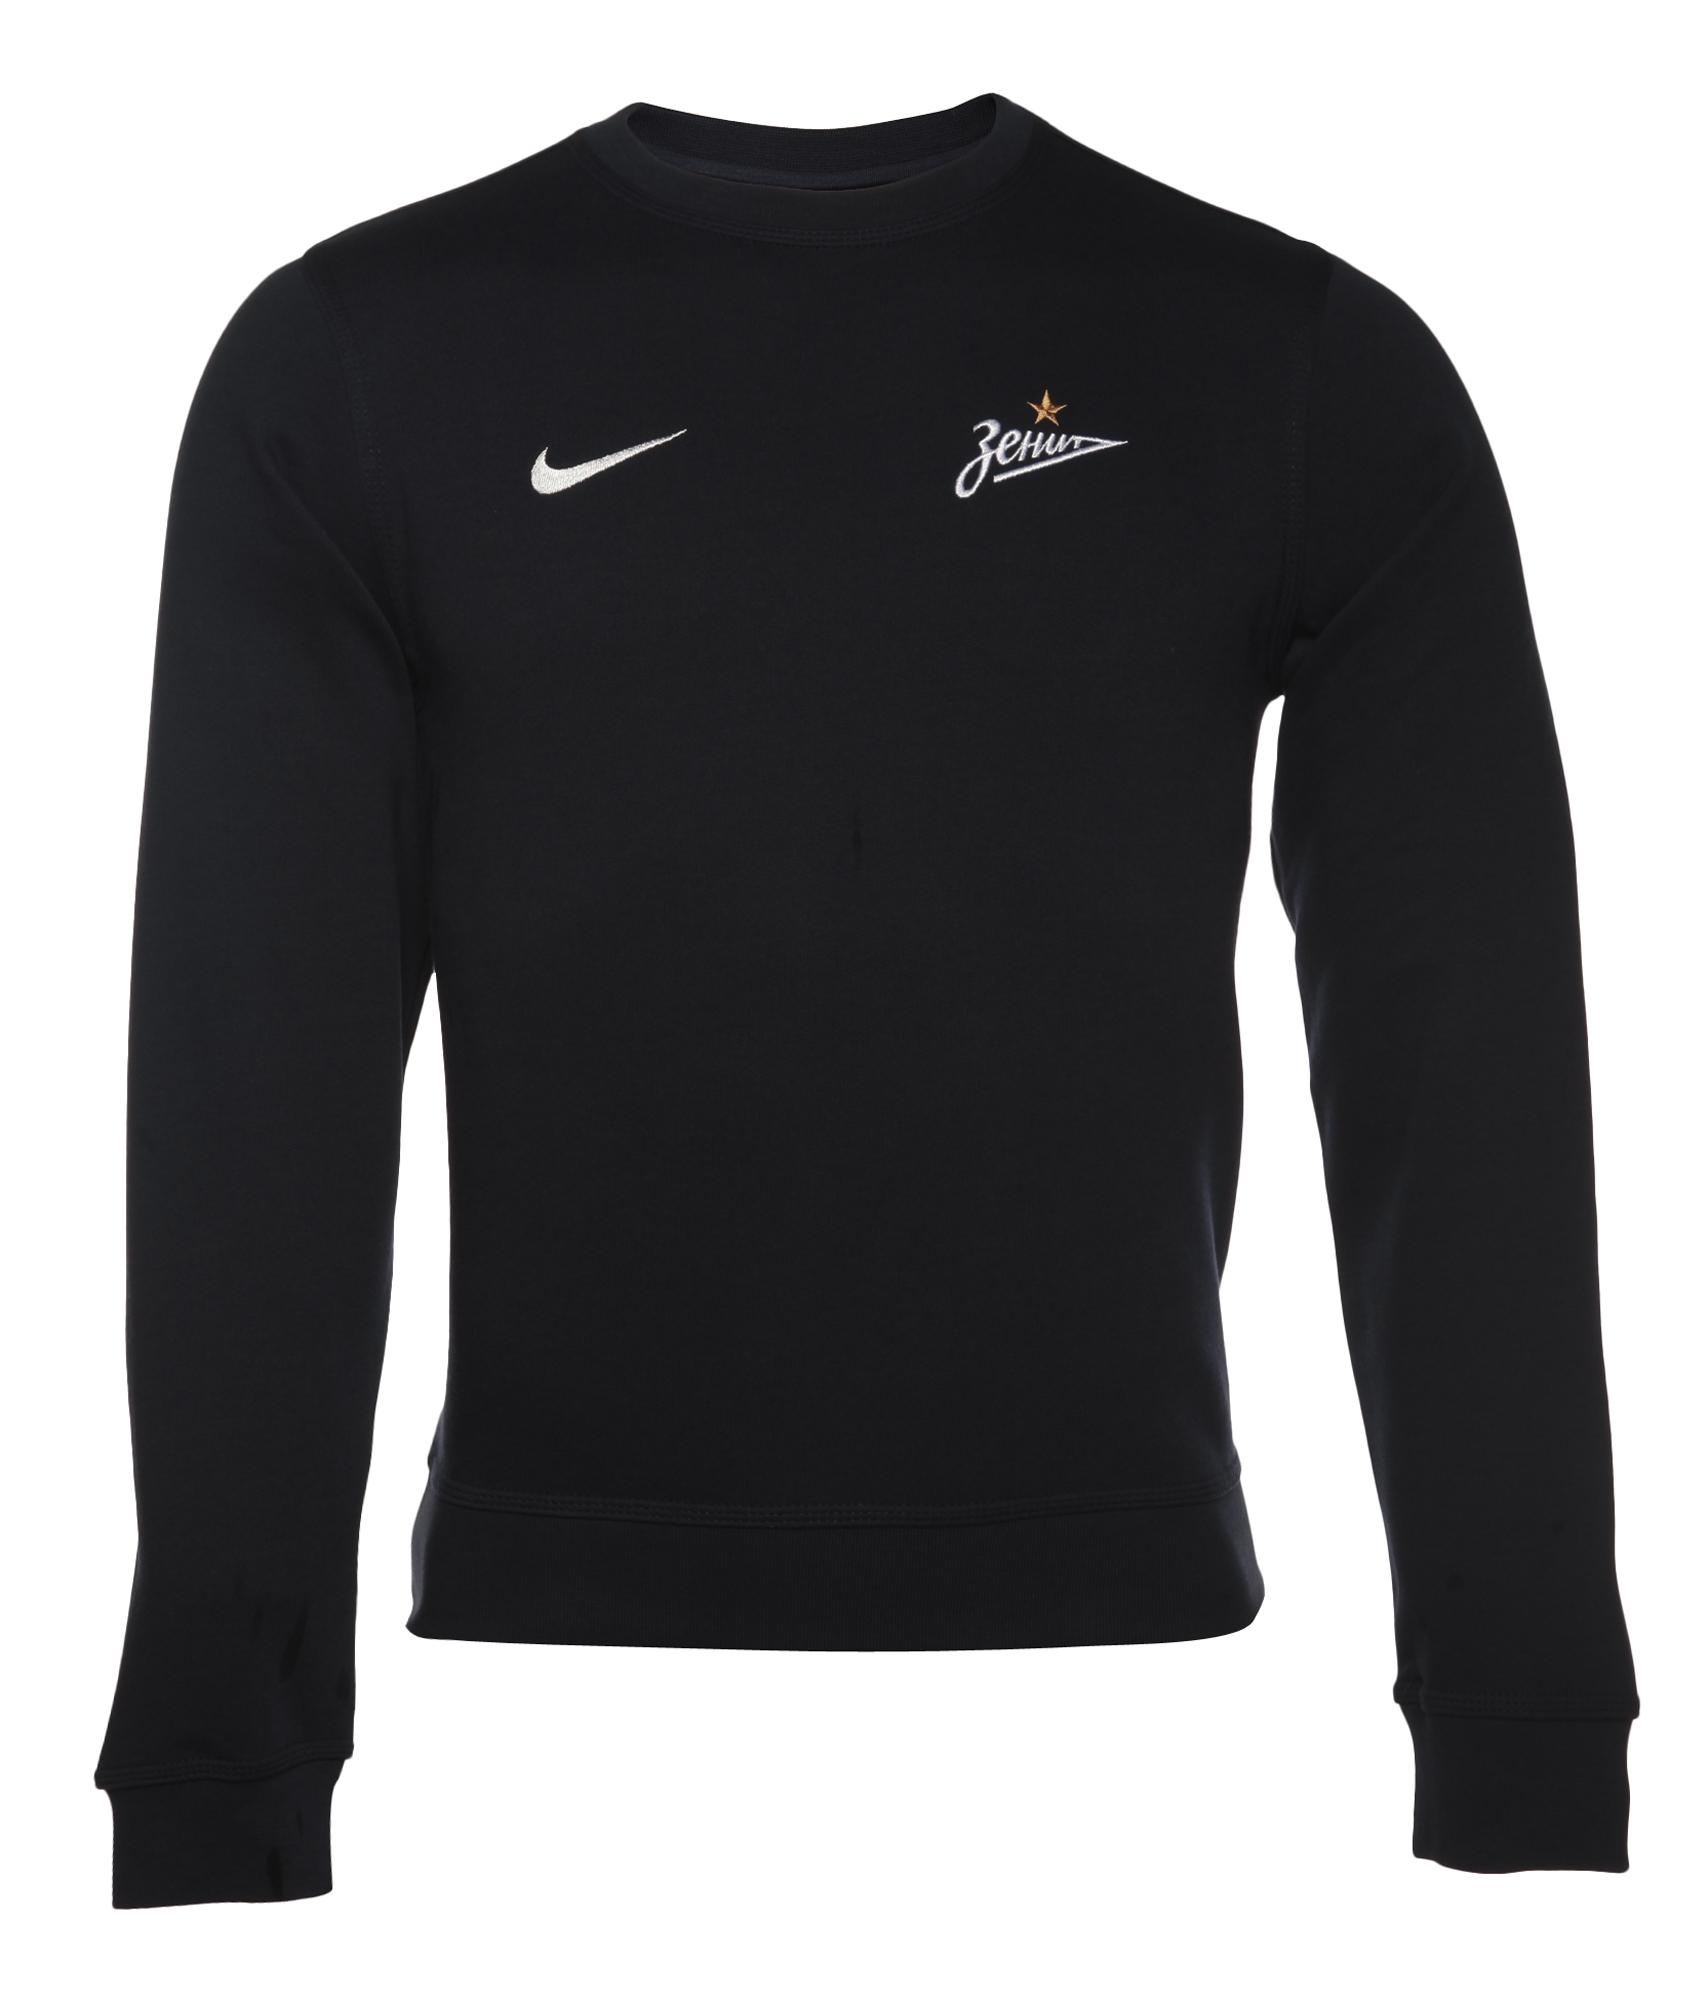 цена на Джемпер Nike TEAM CLUB CREW, Цвет-Темно-Синий, Размер-XL